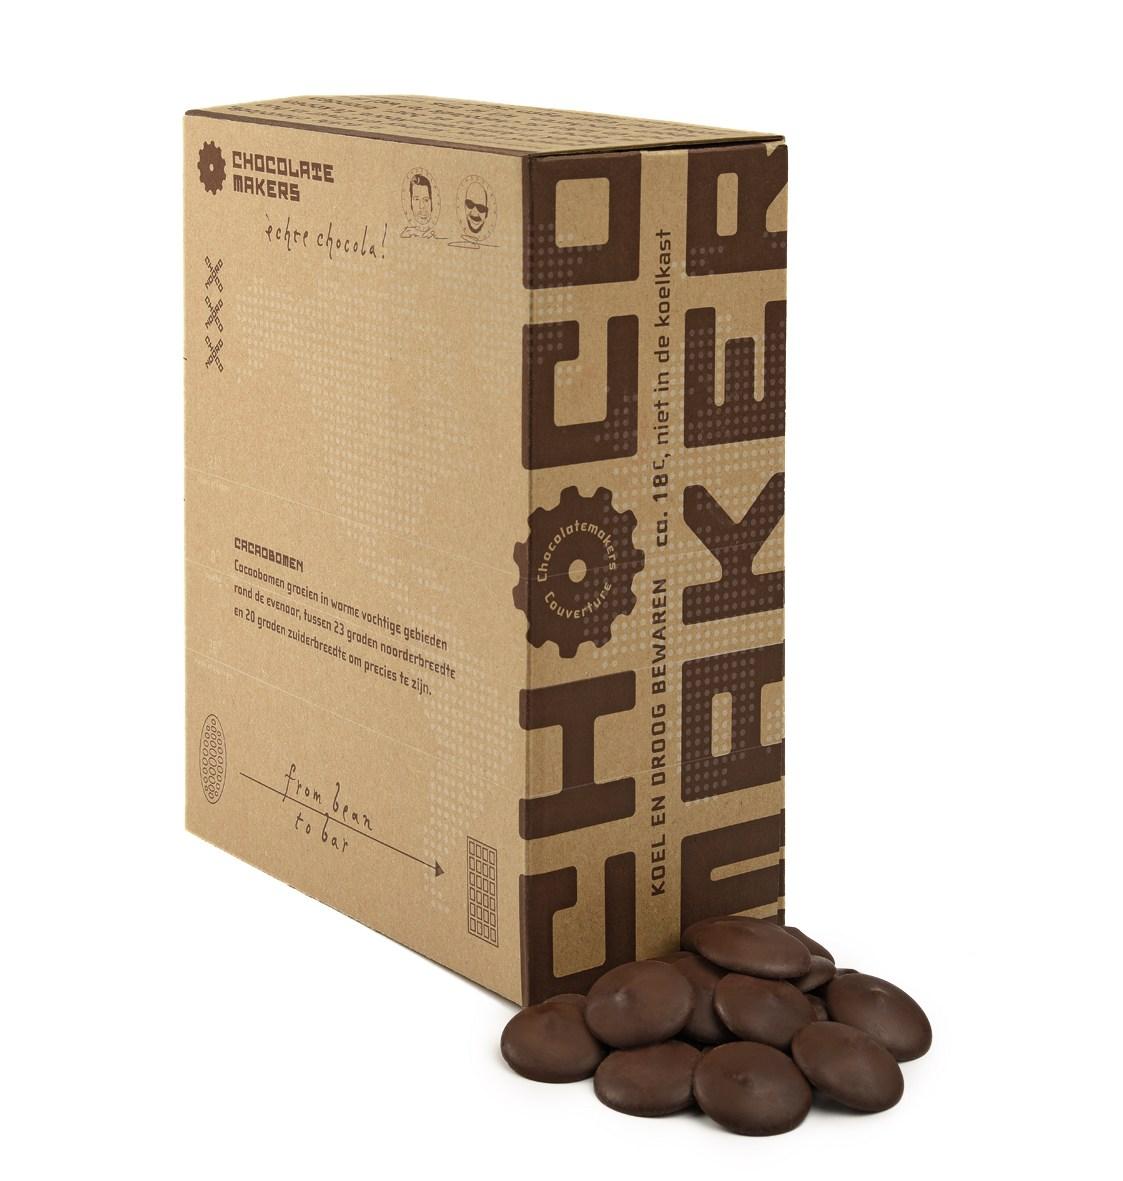 クリオロ種カカオ豆80%、ペルー産、オーガニッククーベルチュール、ダークチョコレート 2kg